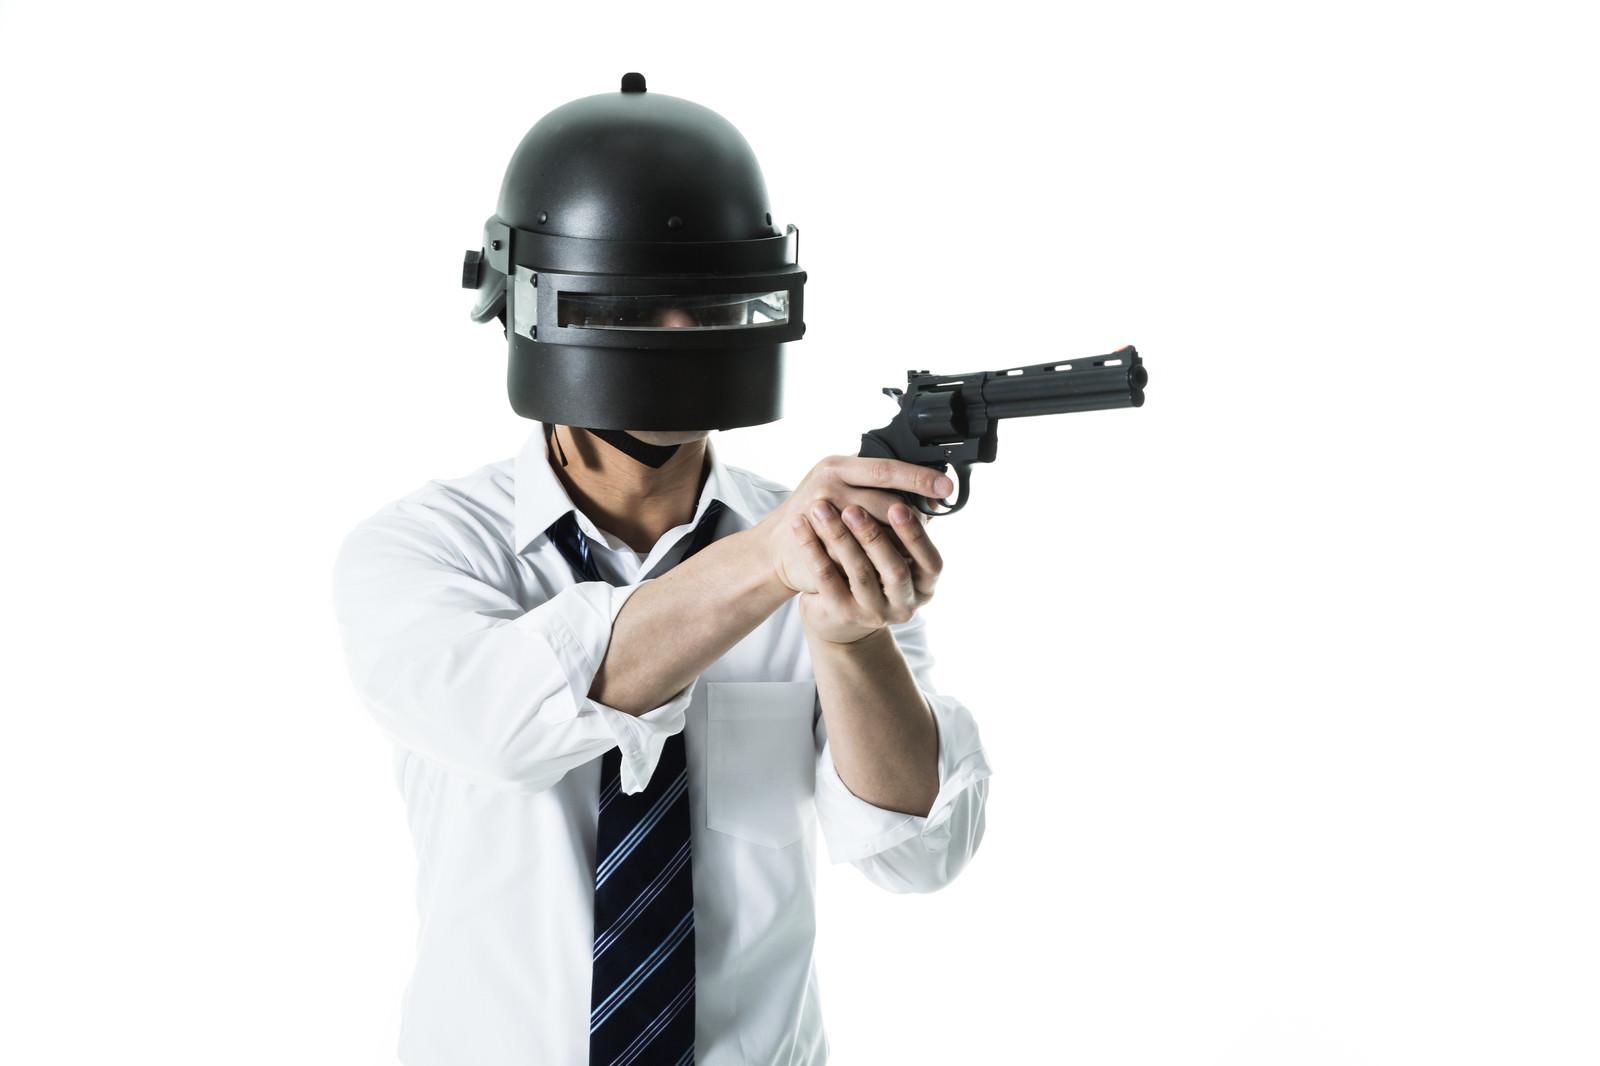 「拳銃を現地調達した素人プレイヤー」の写真